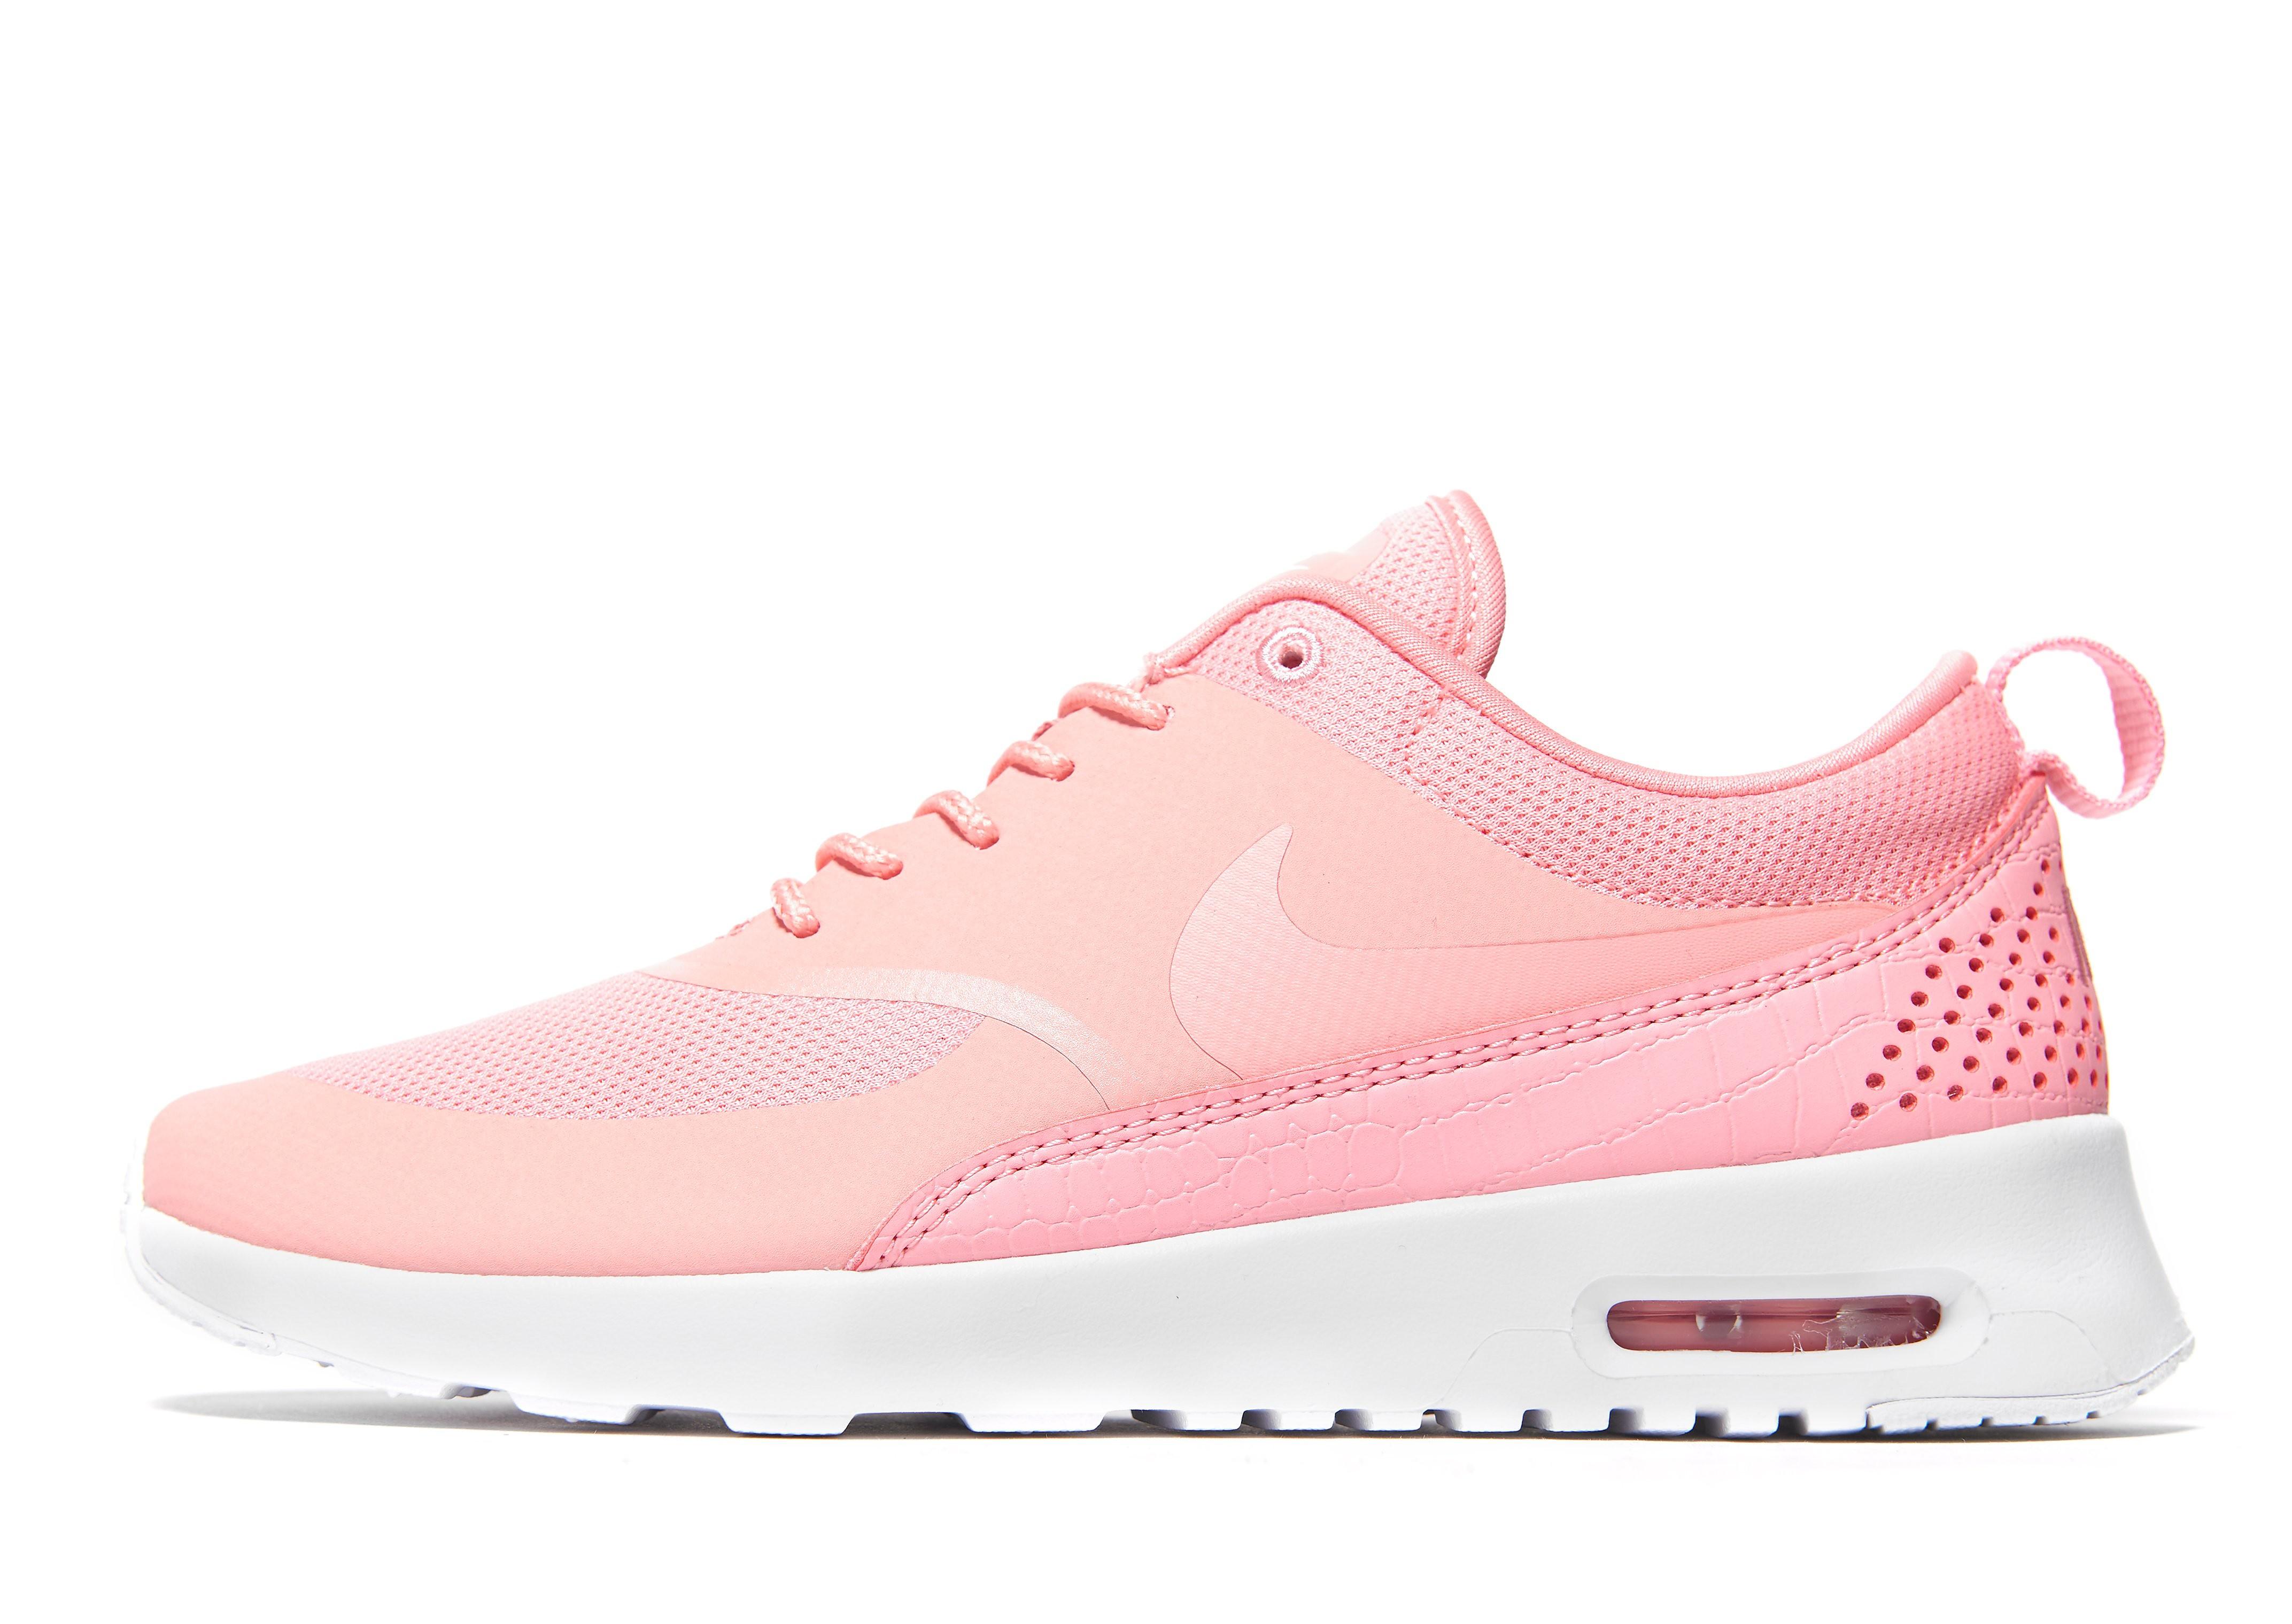 Nike Air Max Thea Essential Femme